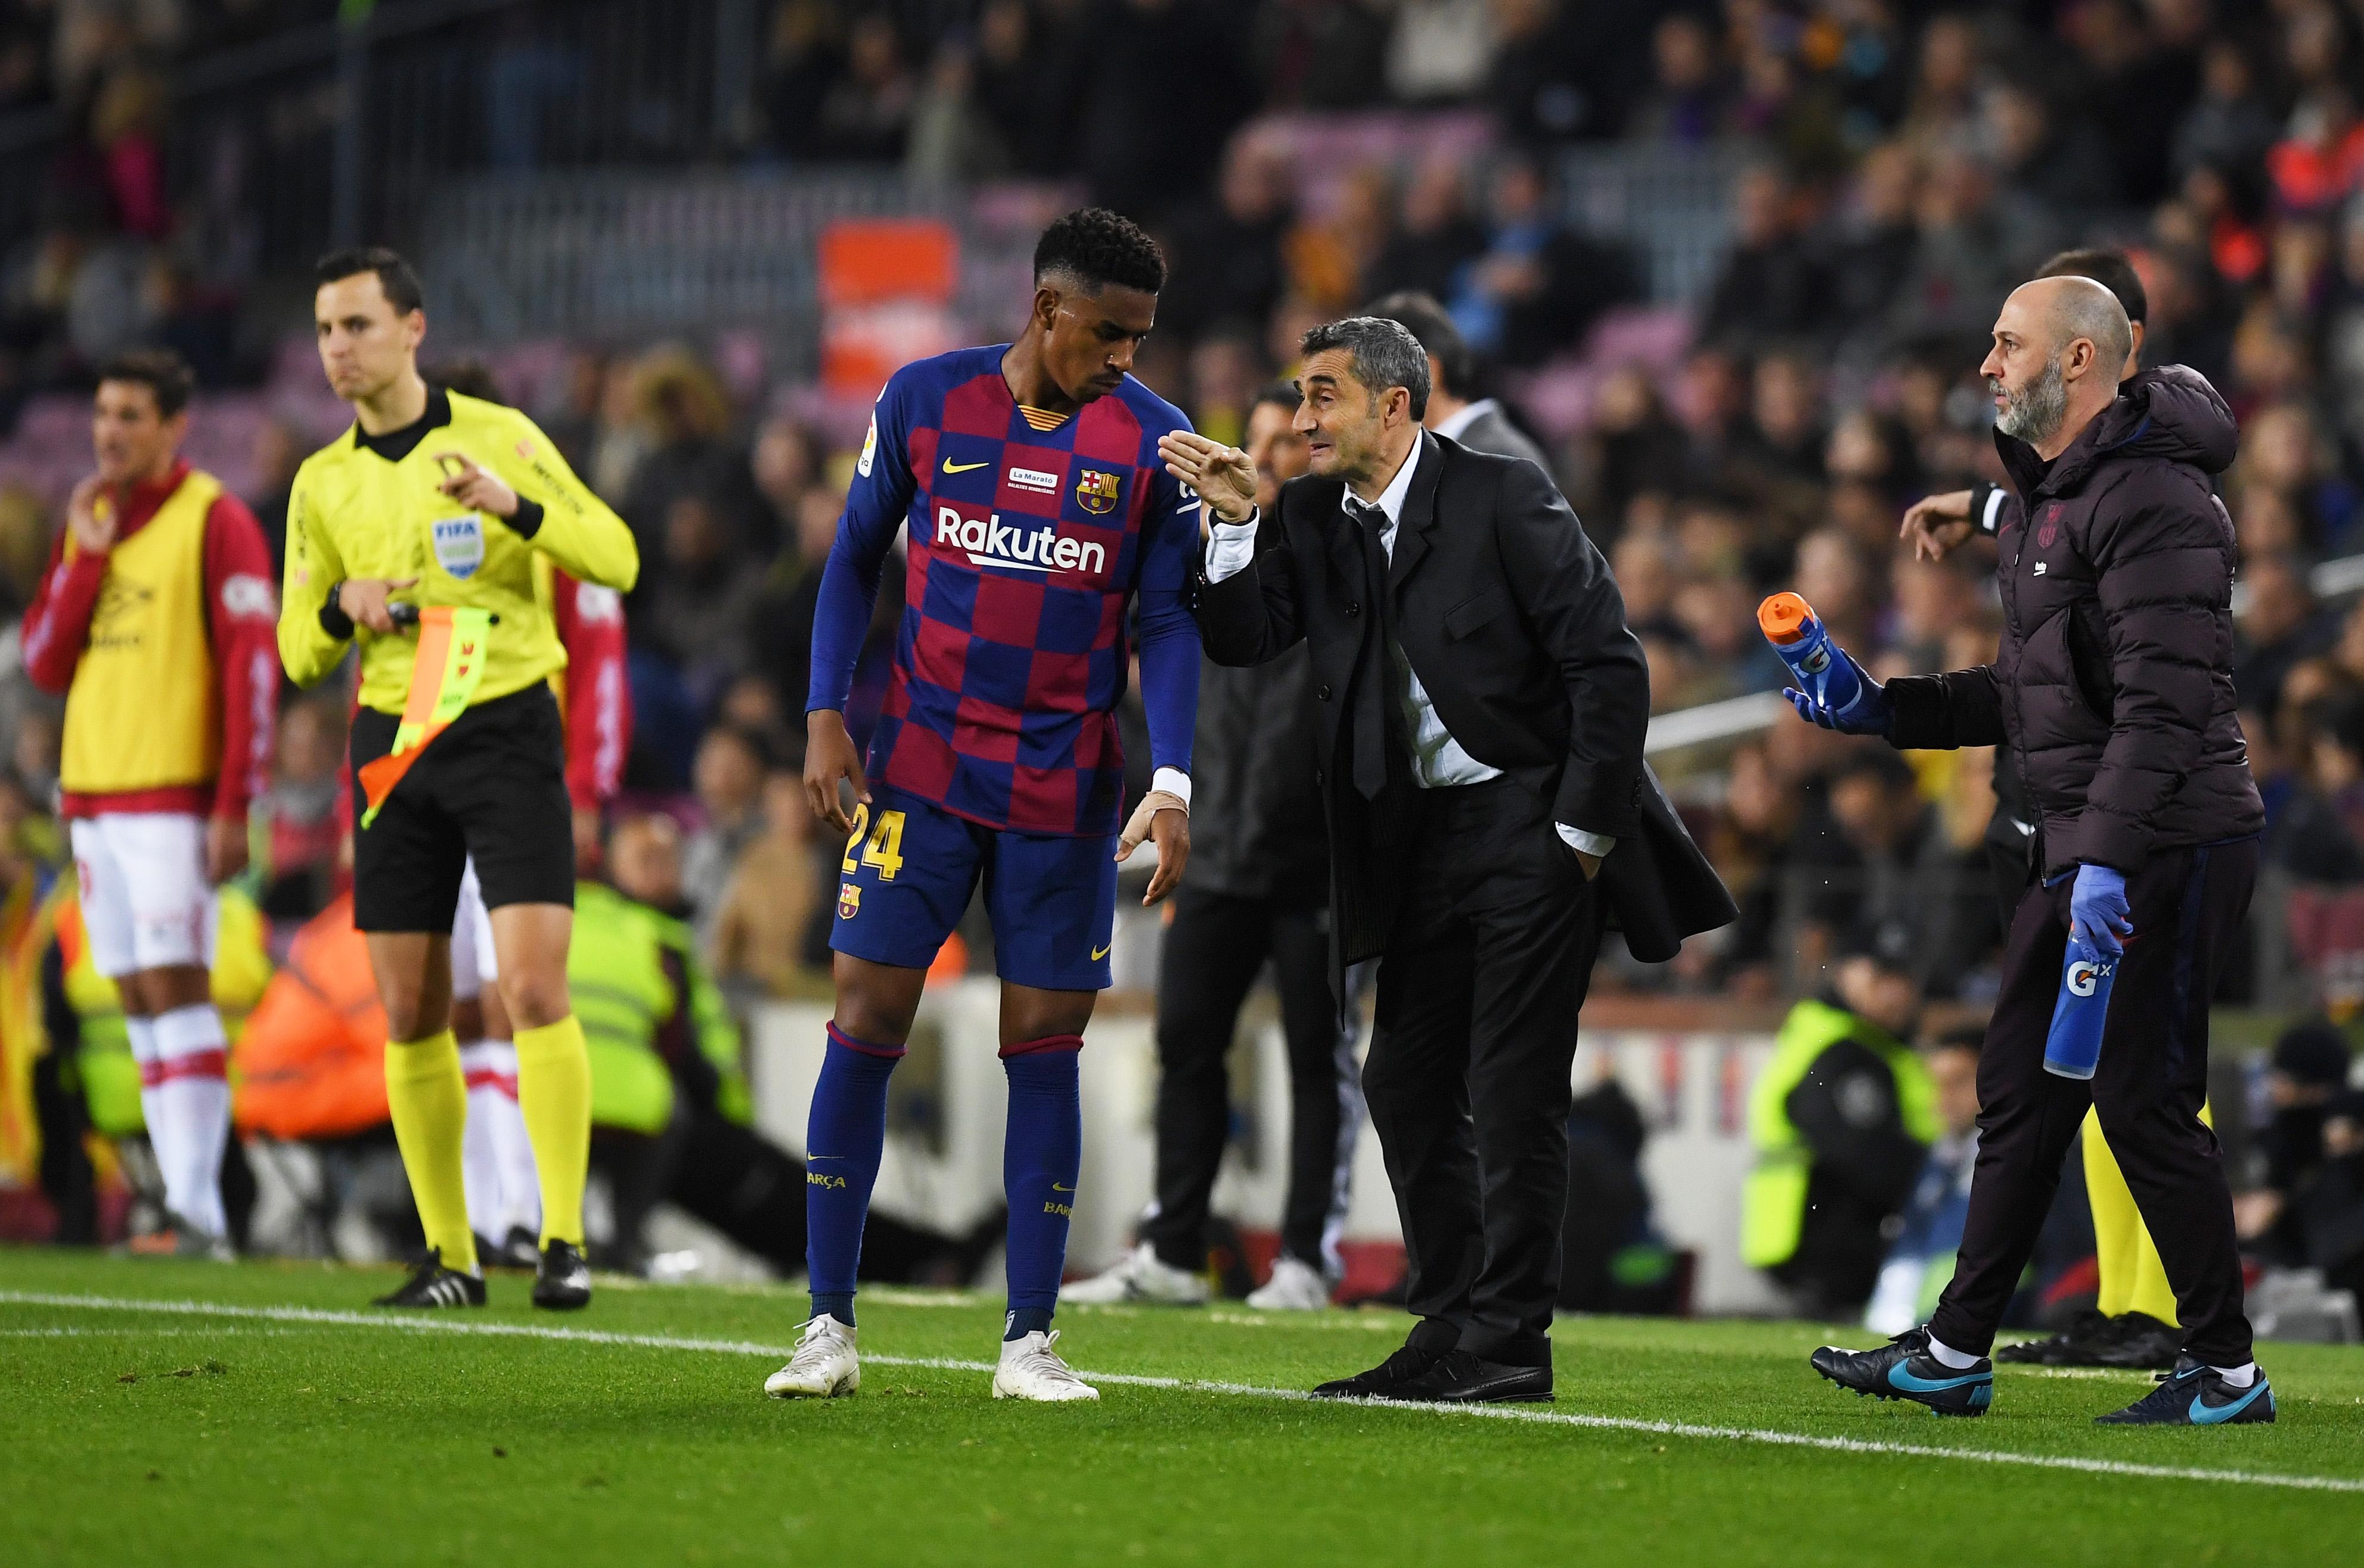 Треньорът на Барселона Ернесто Валверде показа сериозни амбиции след успеха